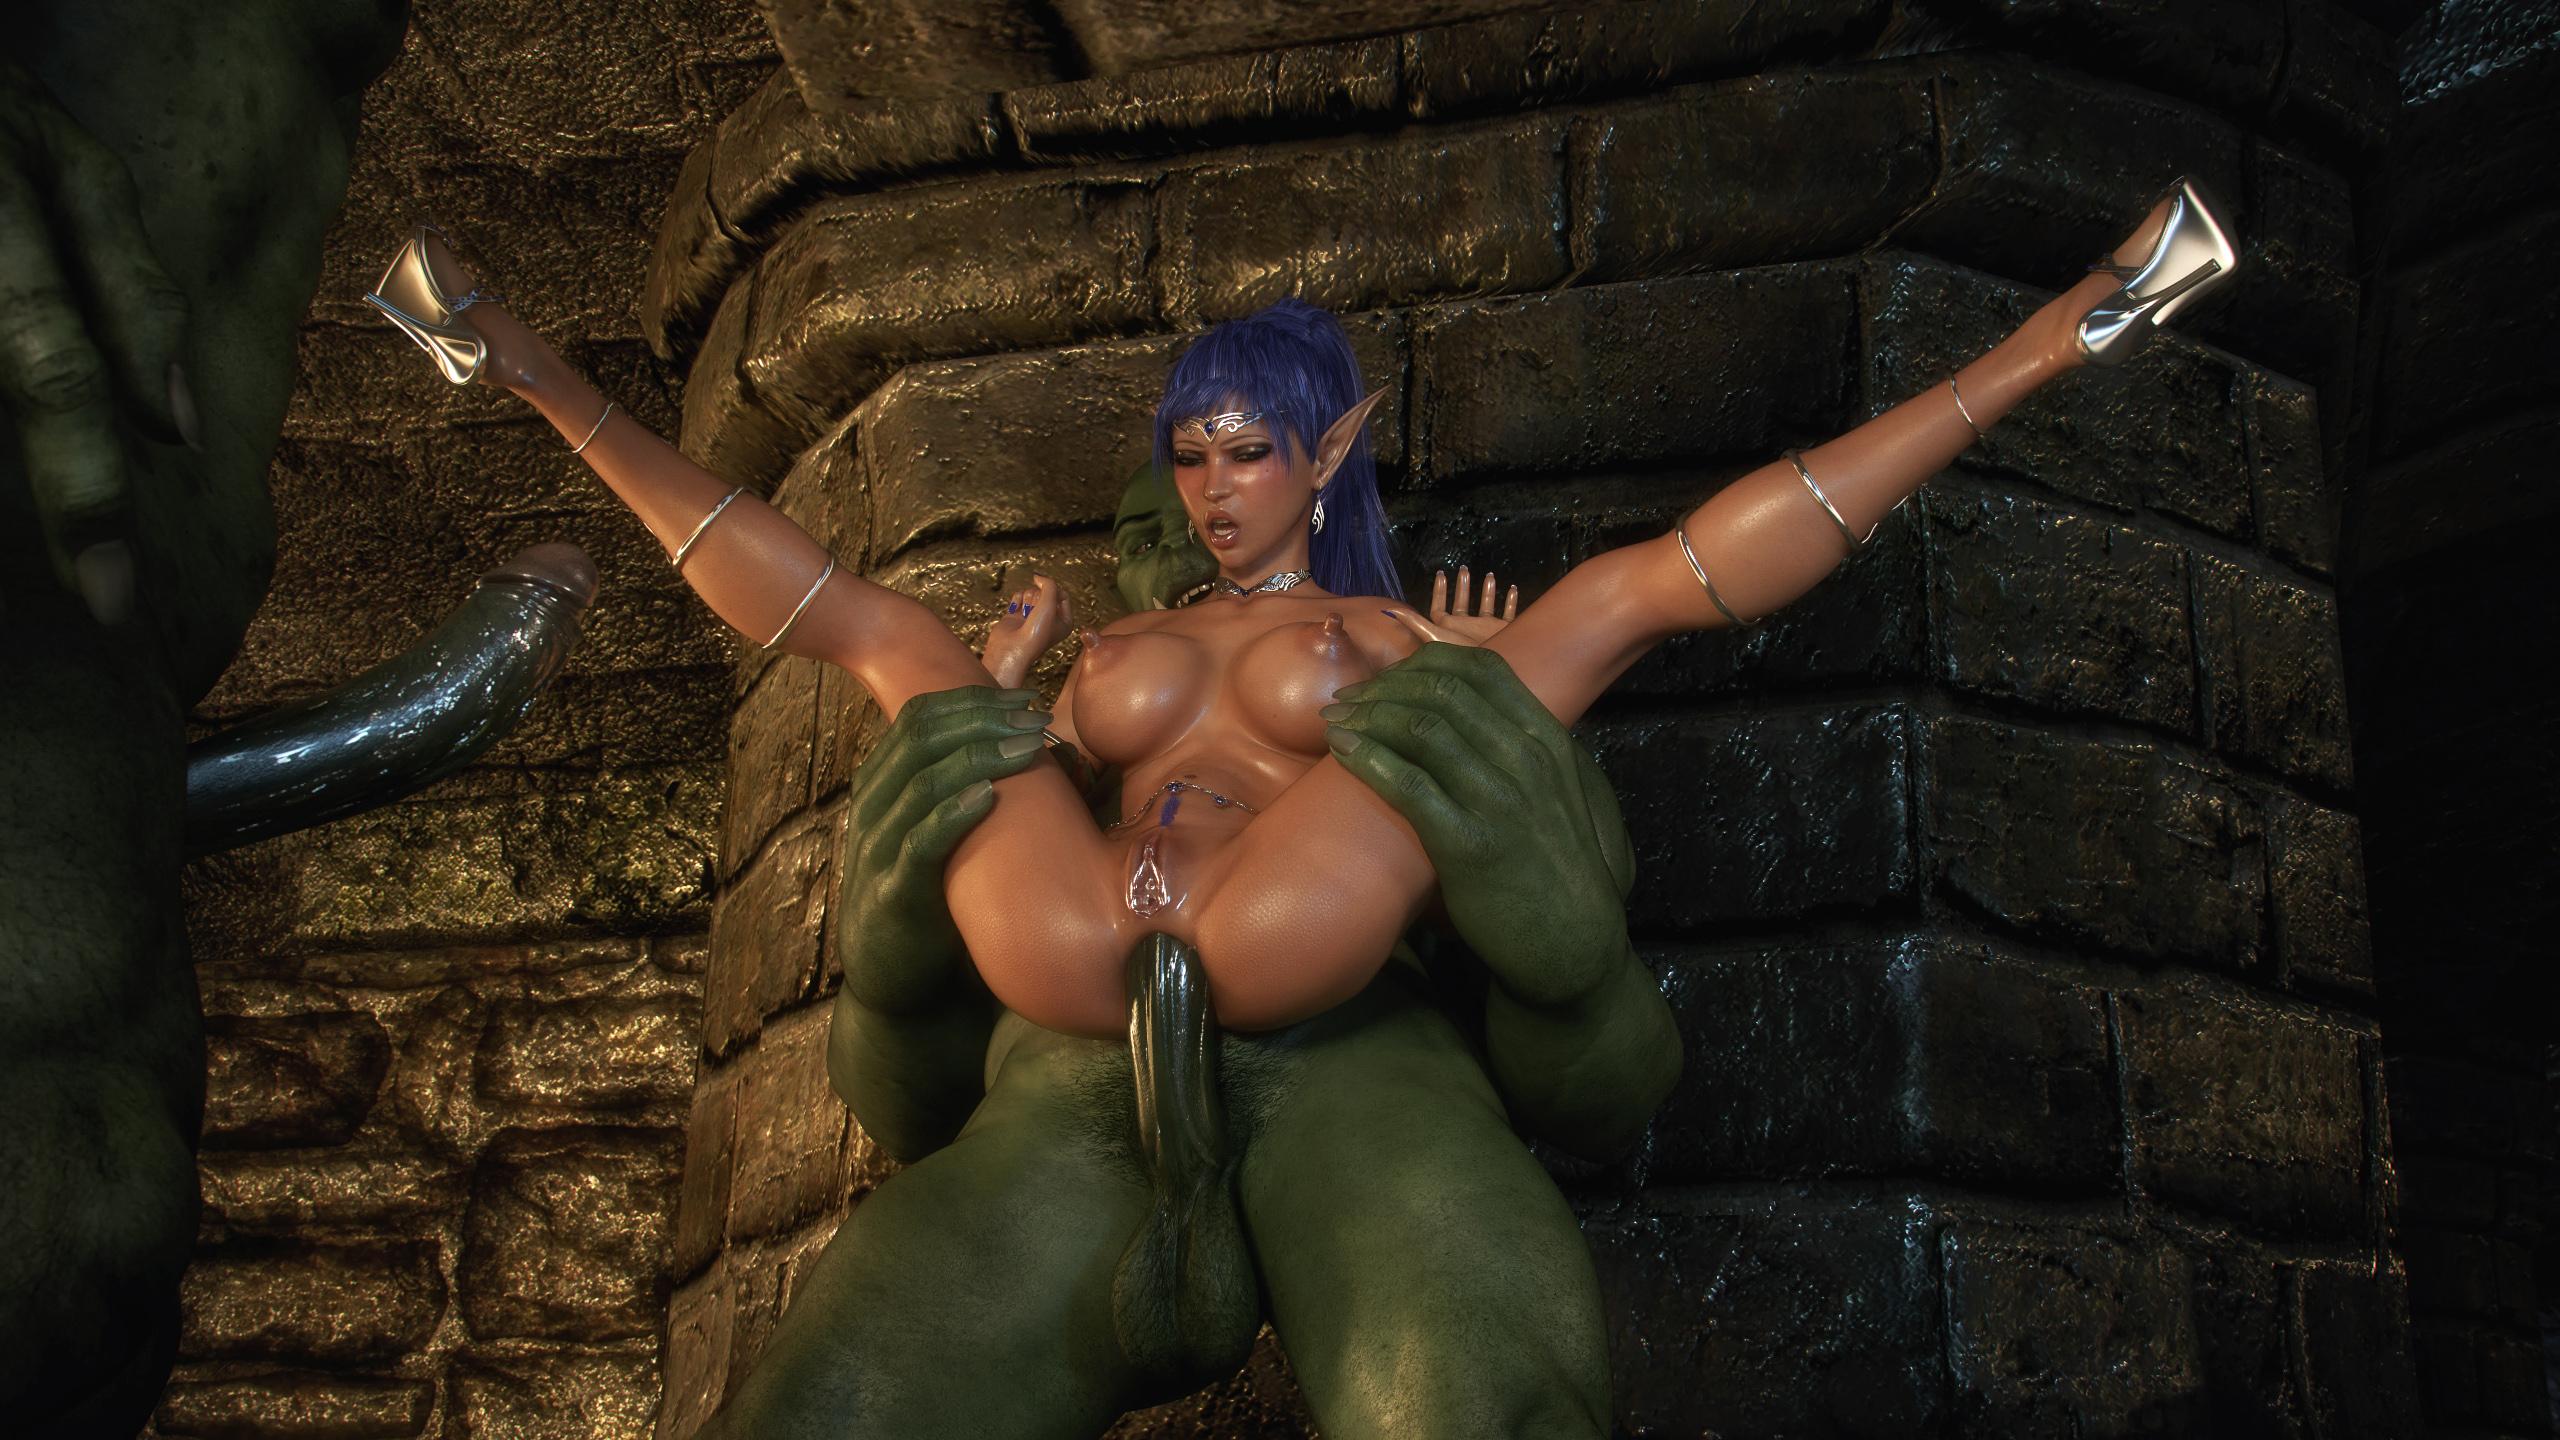 Порно страна в онлайн